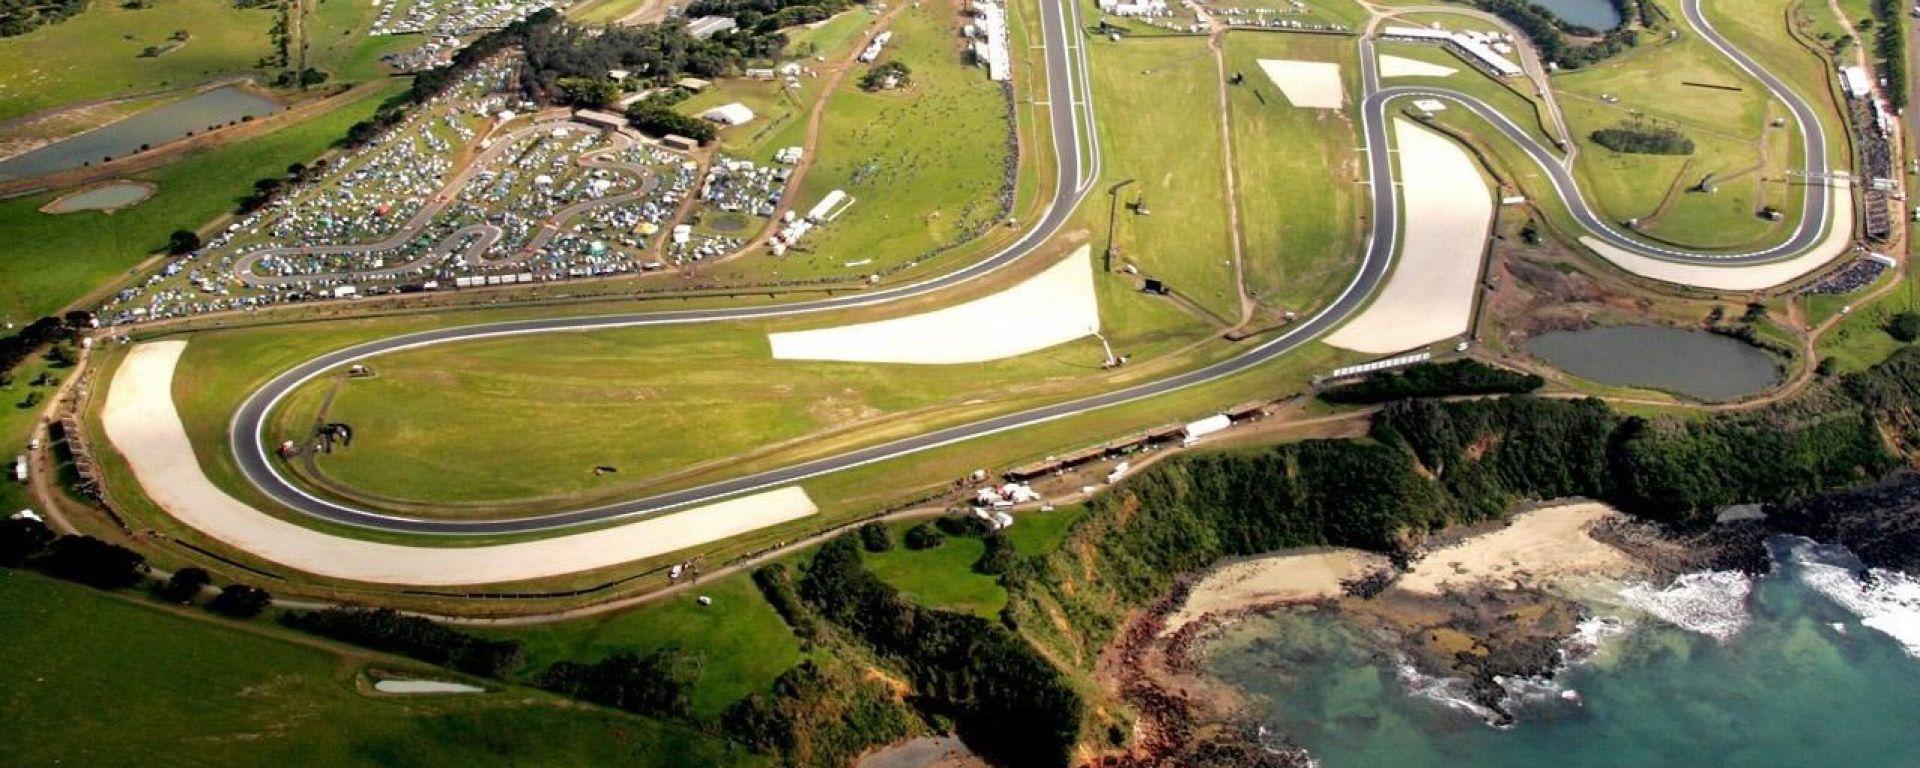 Approdo sull'isola: domani il primo appuntamento della Superbike 2016